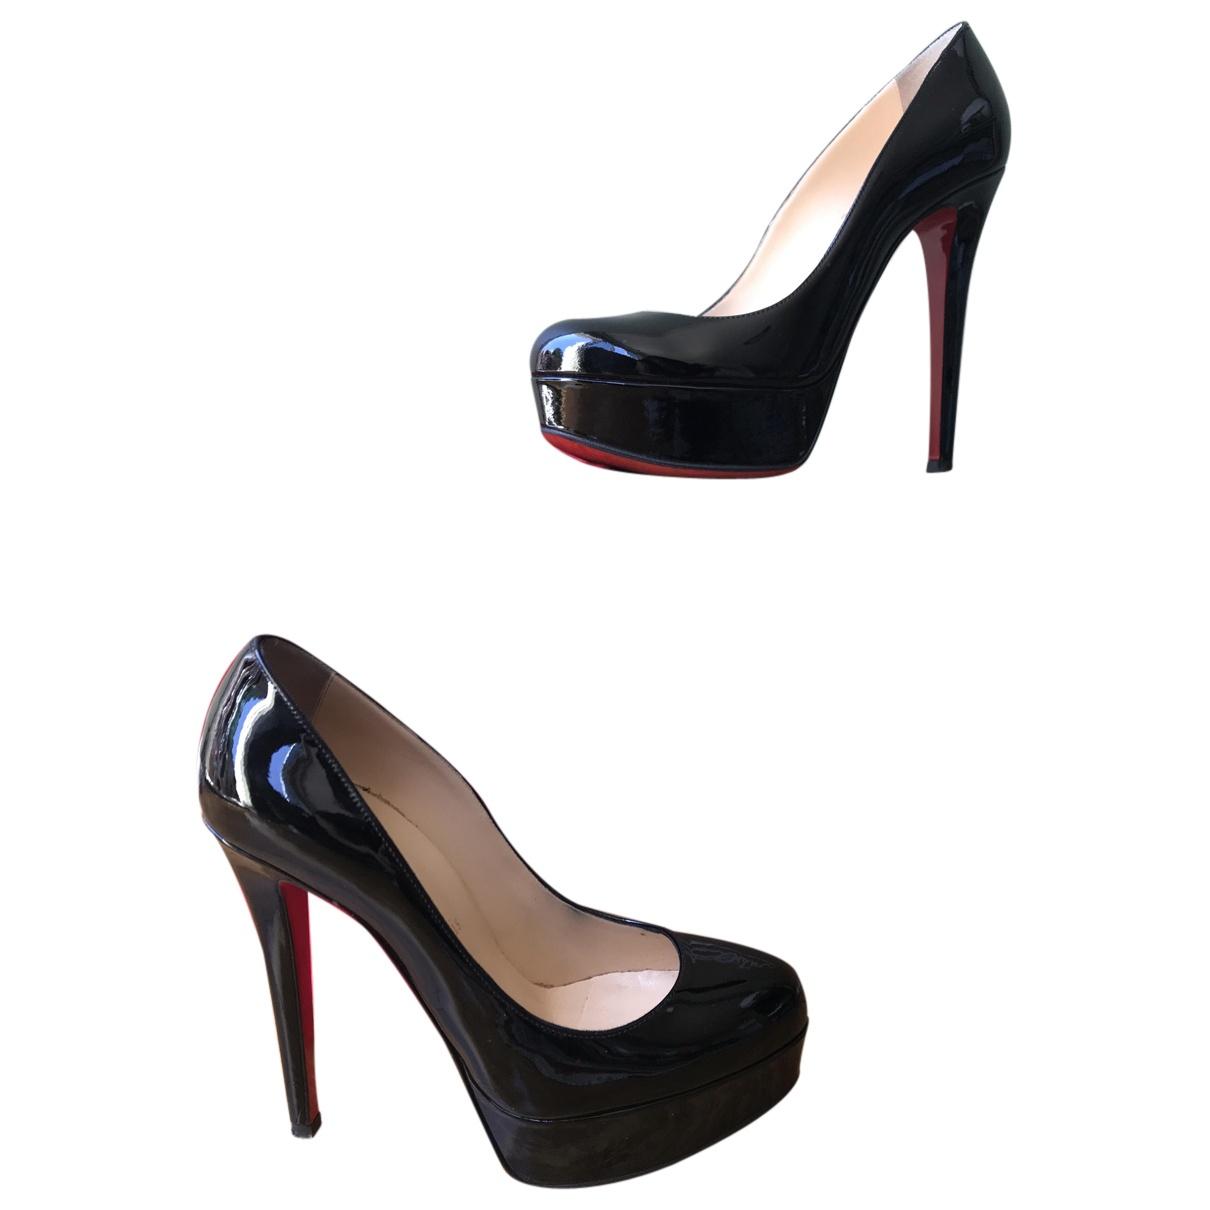 Christian Louboutin Bianca Black Leather Heels for Women 36 EU